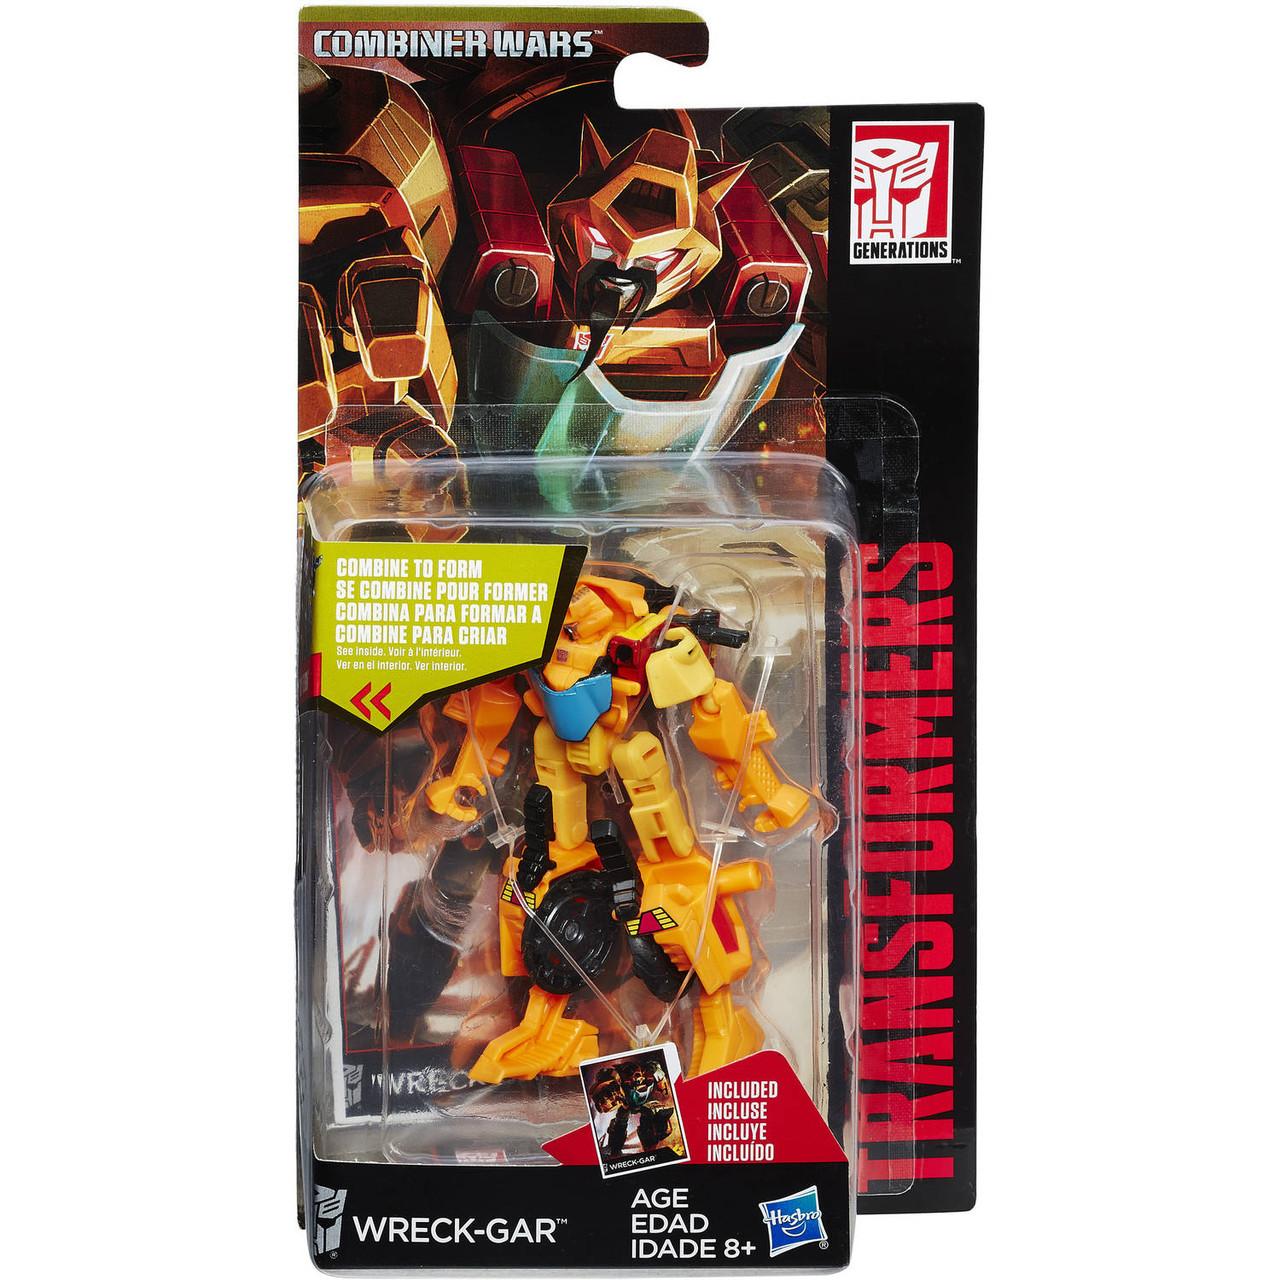 Робот-трансформер Рек-Гар (ремонтник) - Wreck-Gar, Combiner Wars, Legends Class, Generations, Hasbro, фото 1